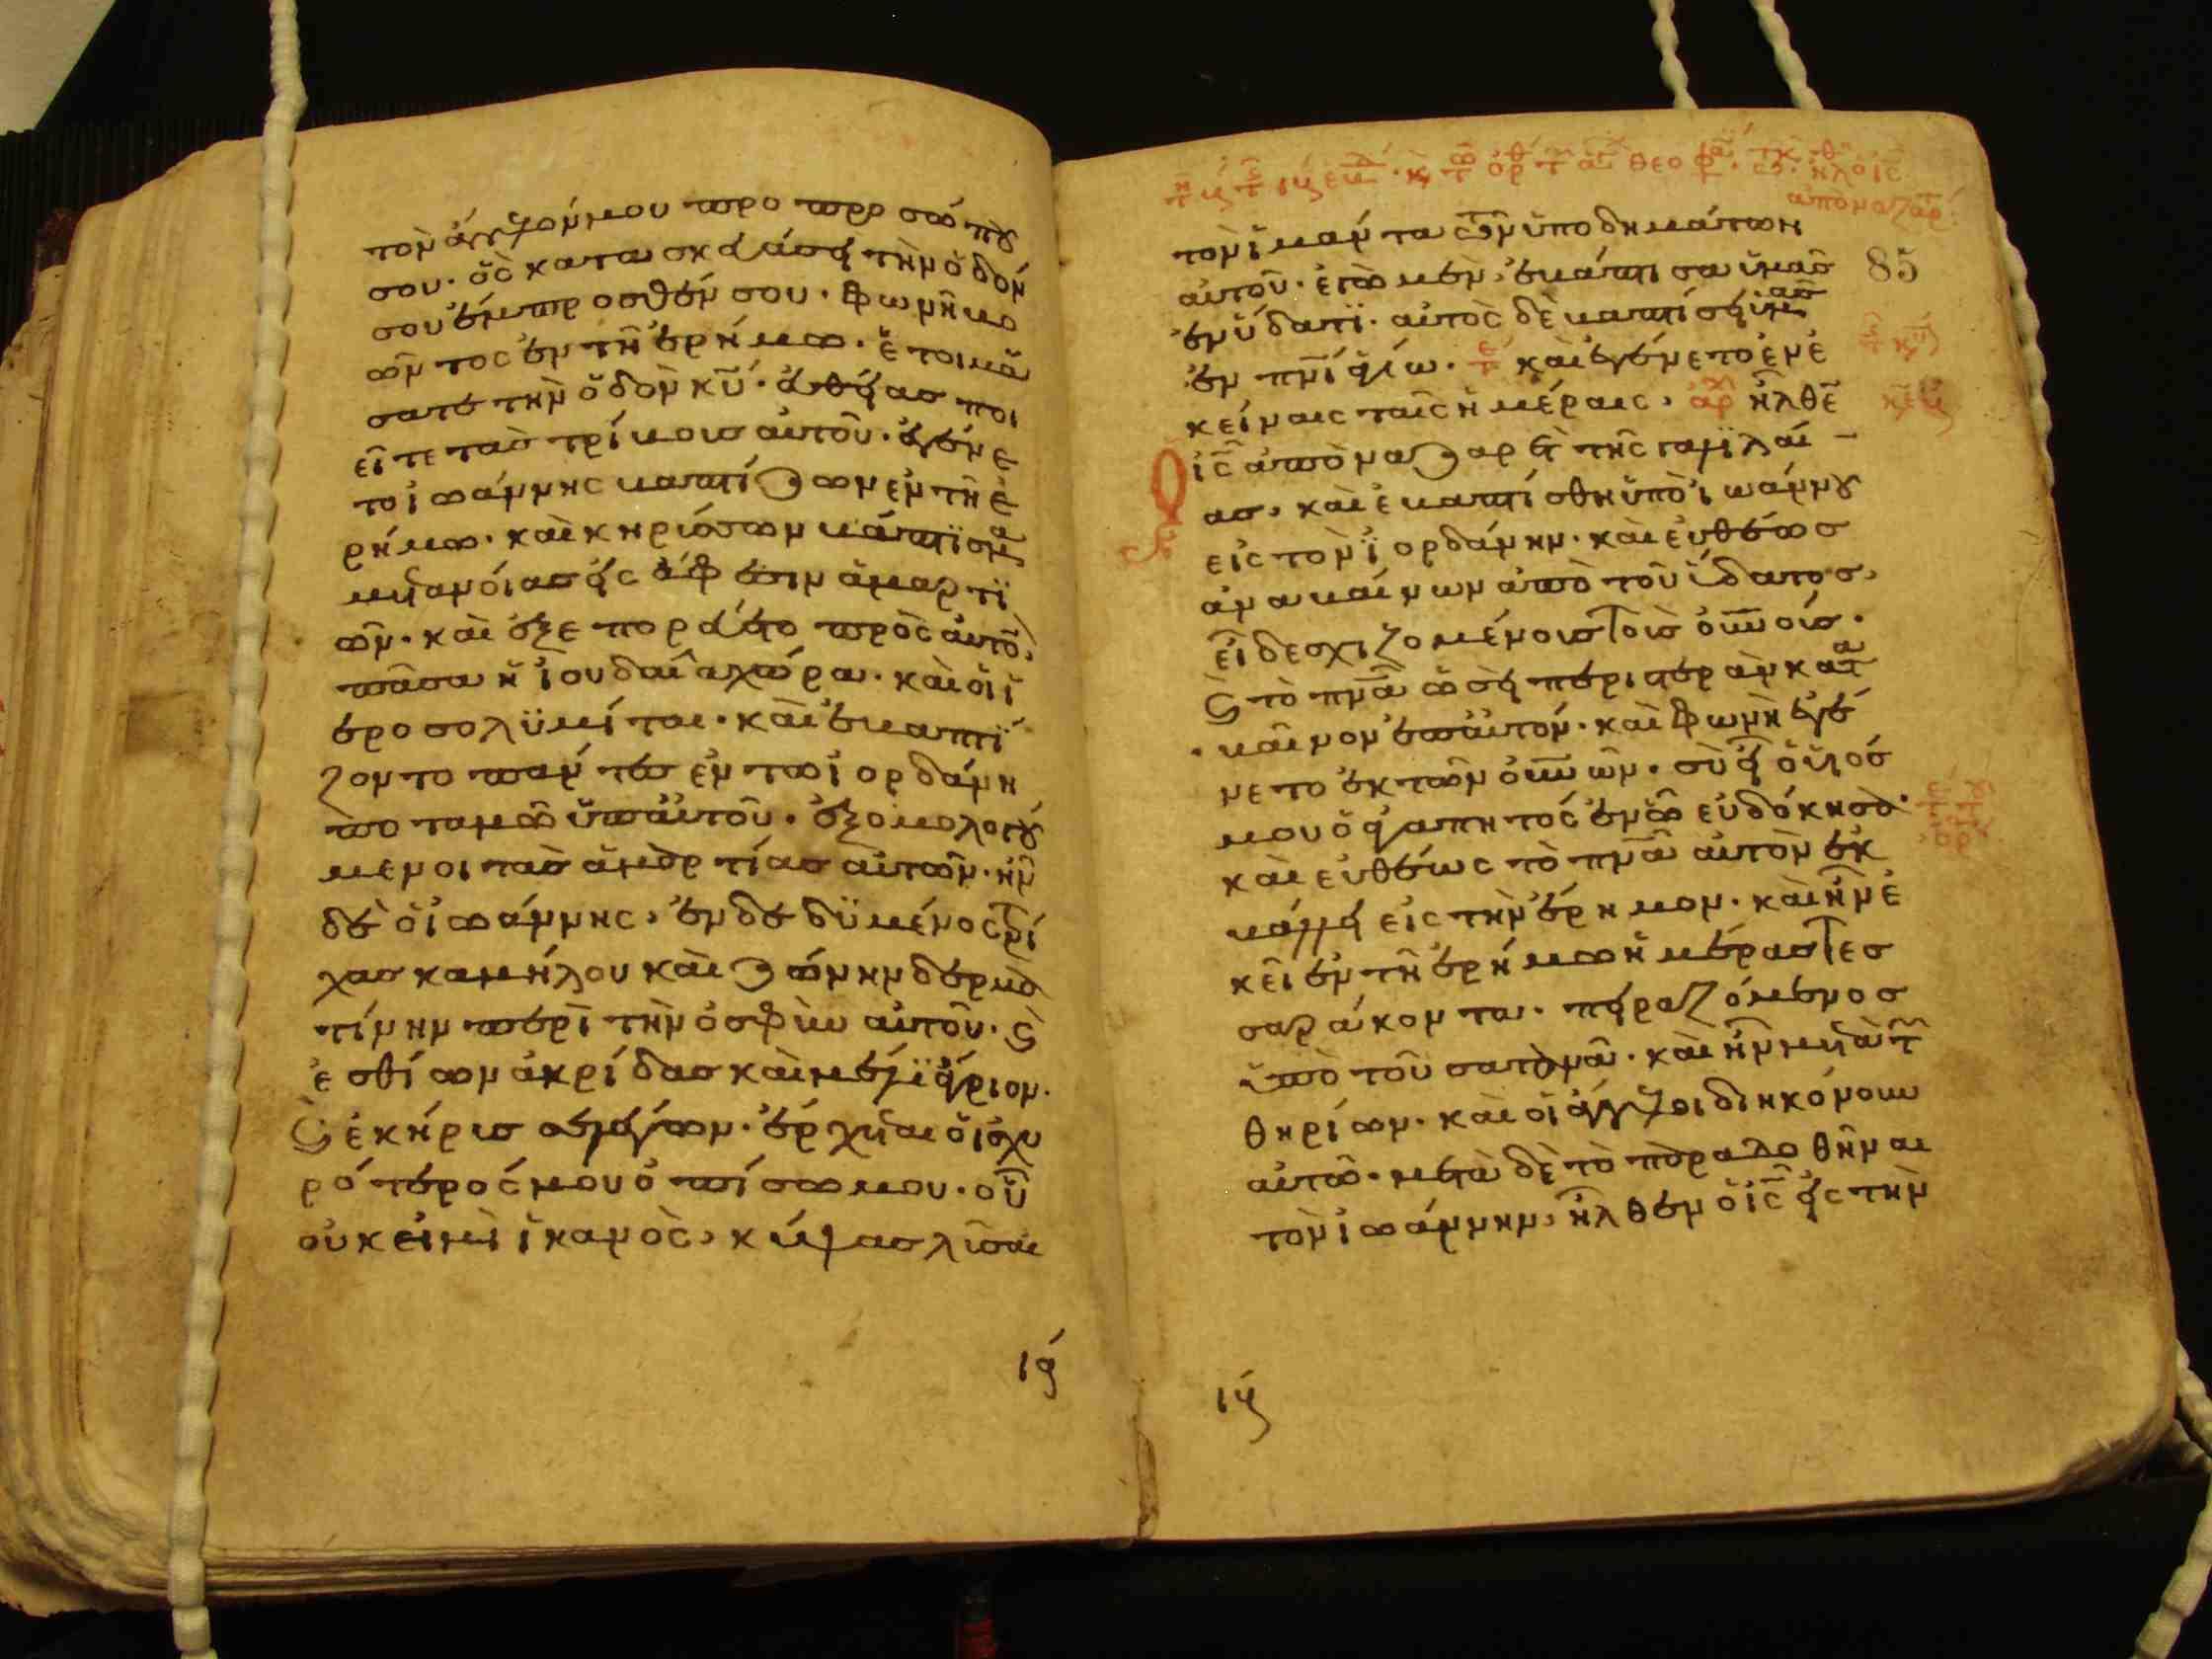 المؤرخ روفينيوس وقانونية العهد الجديد - القمص عبد المسيح بسيط (400 م)